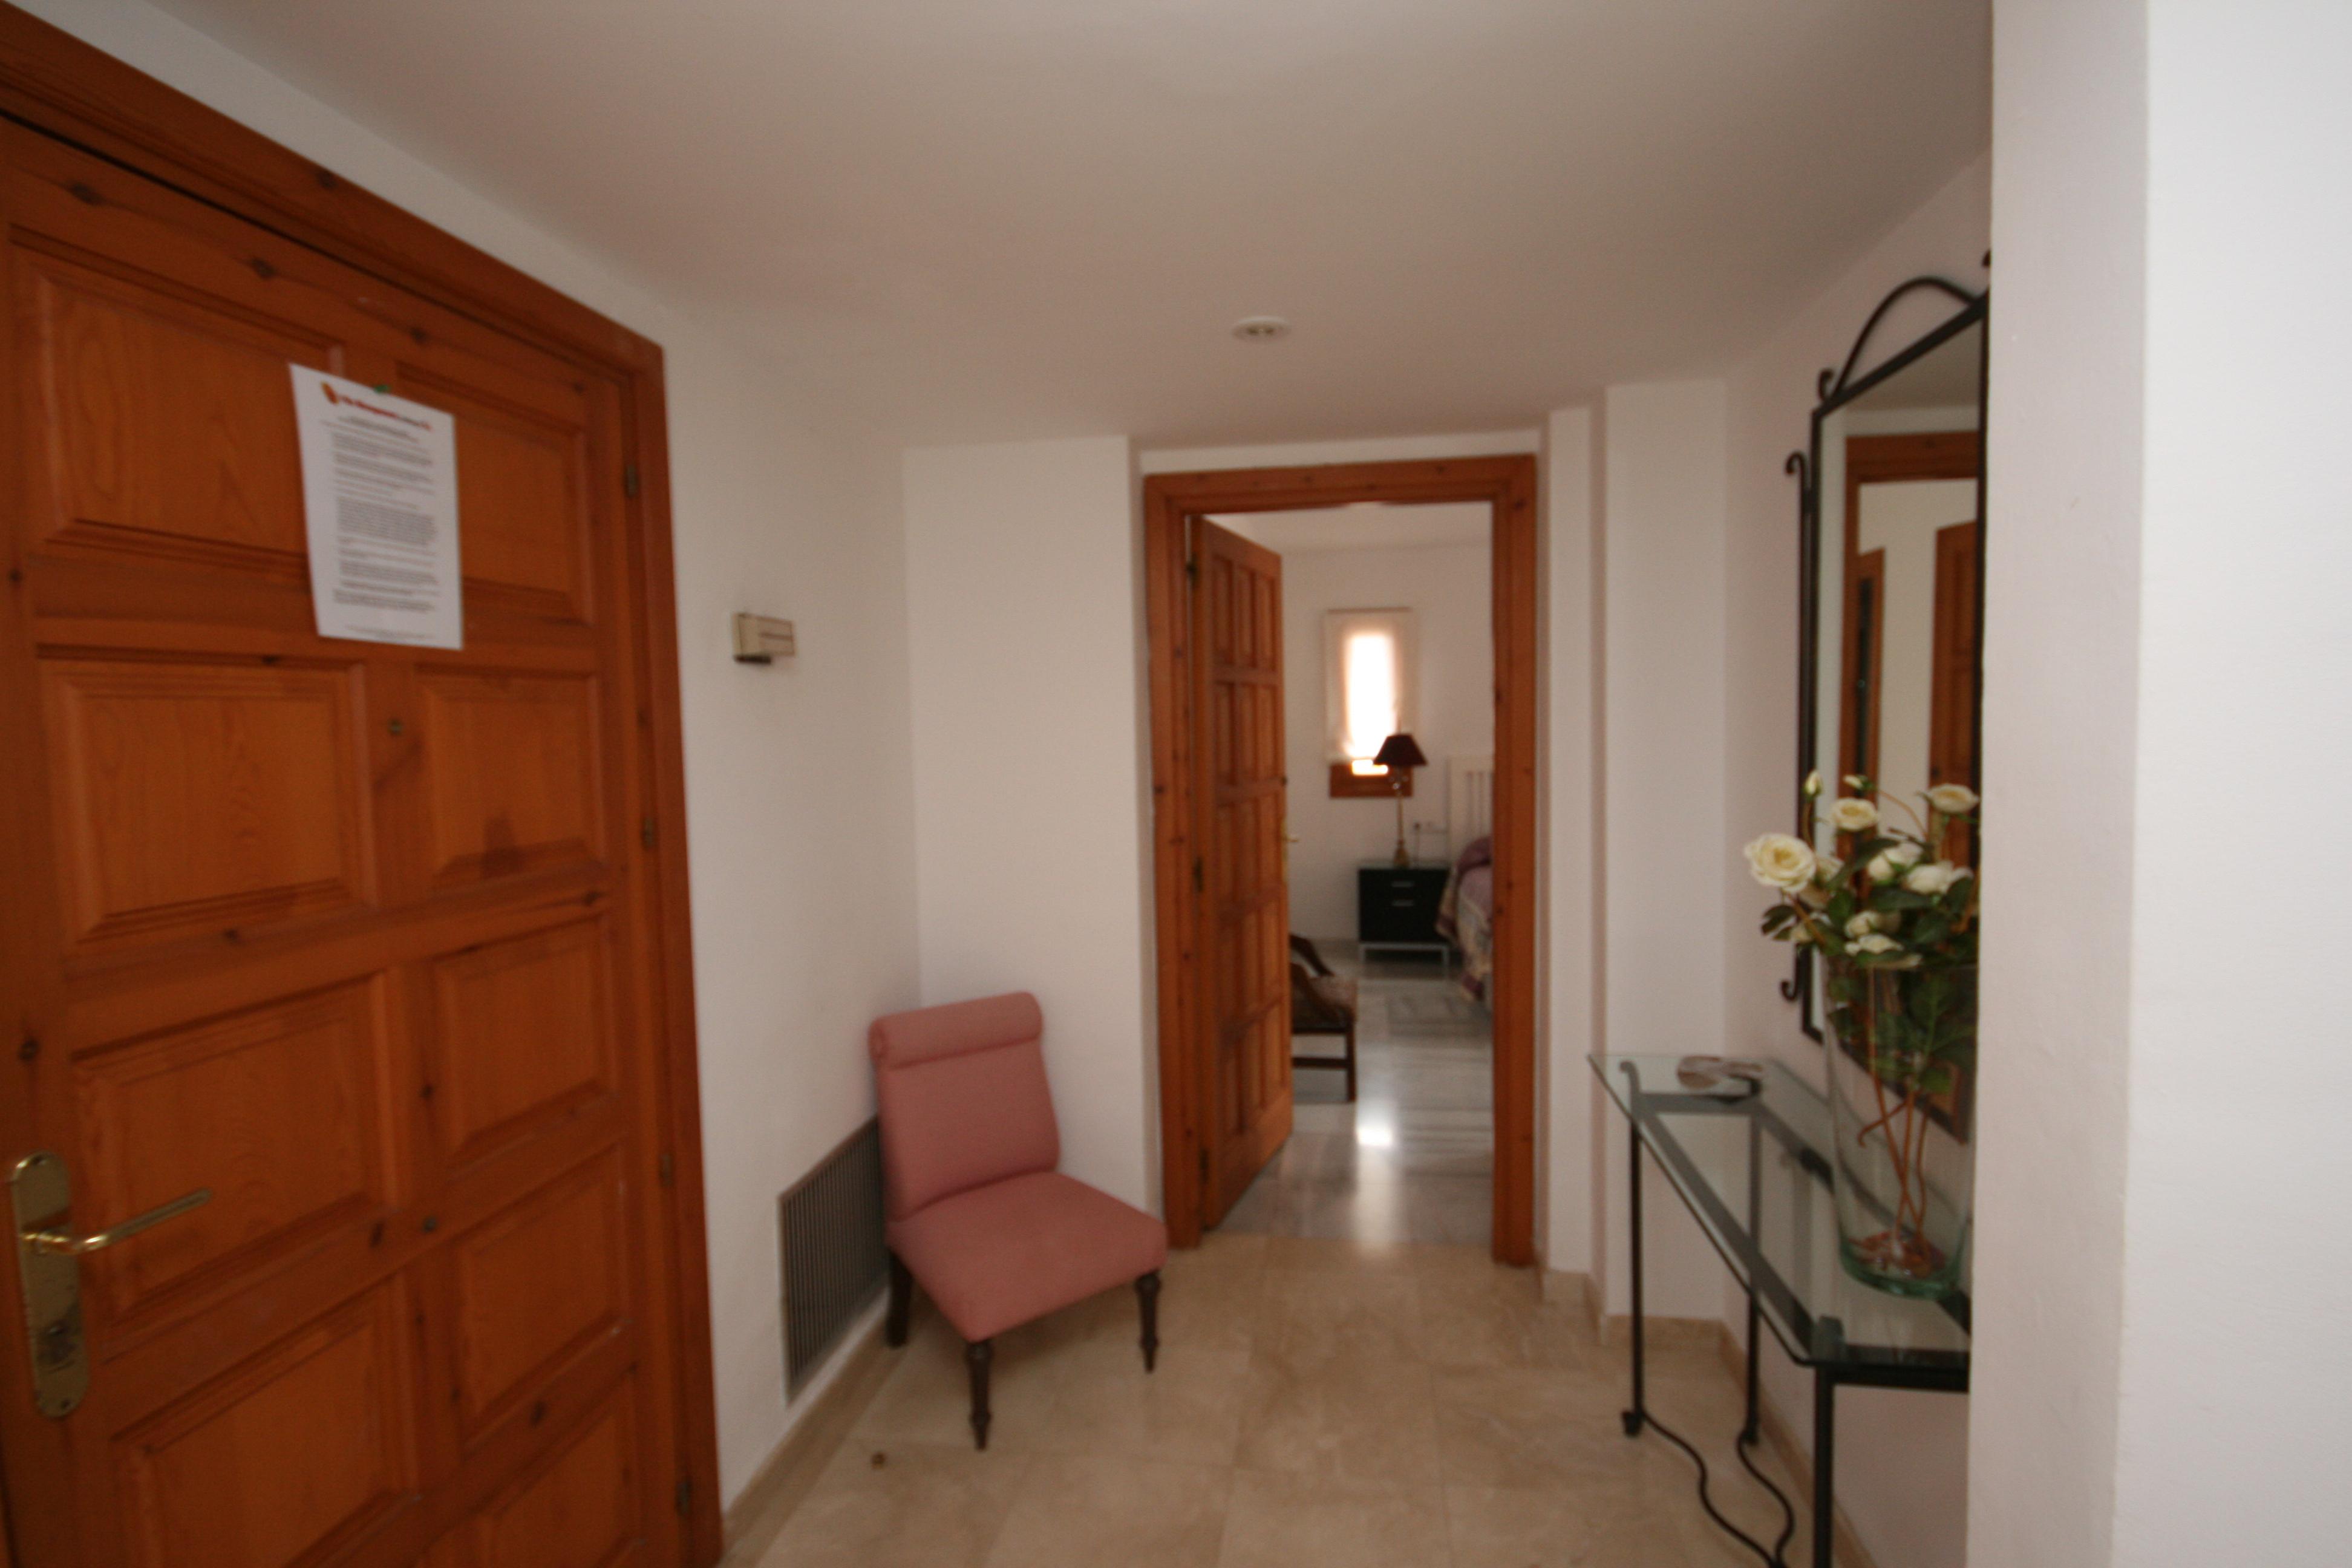 Solana Entrance Hall